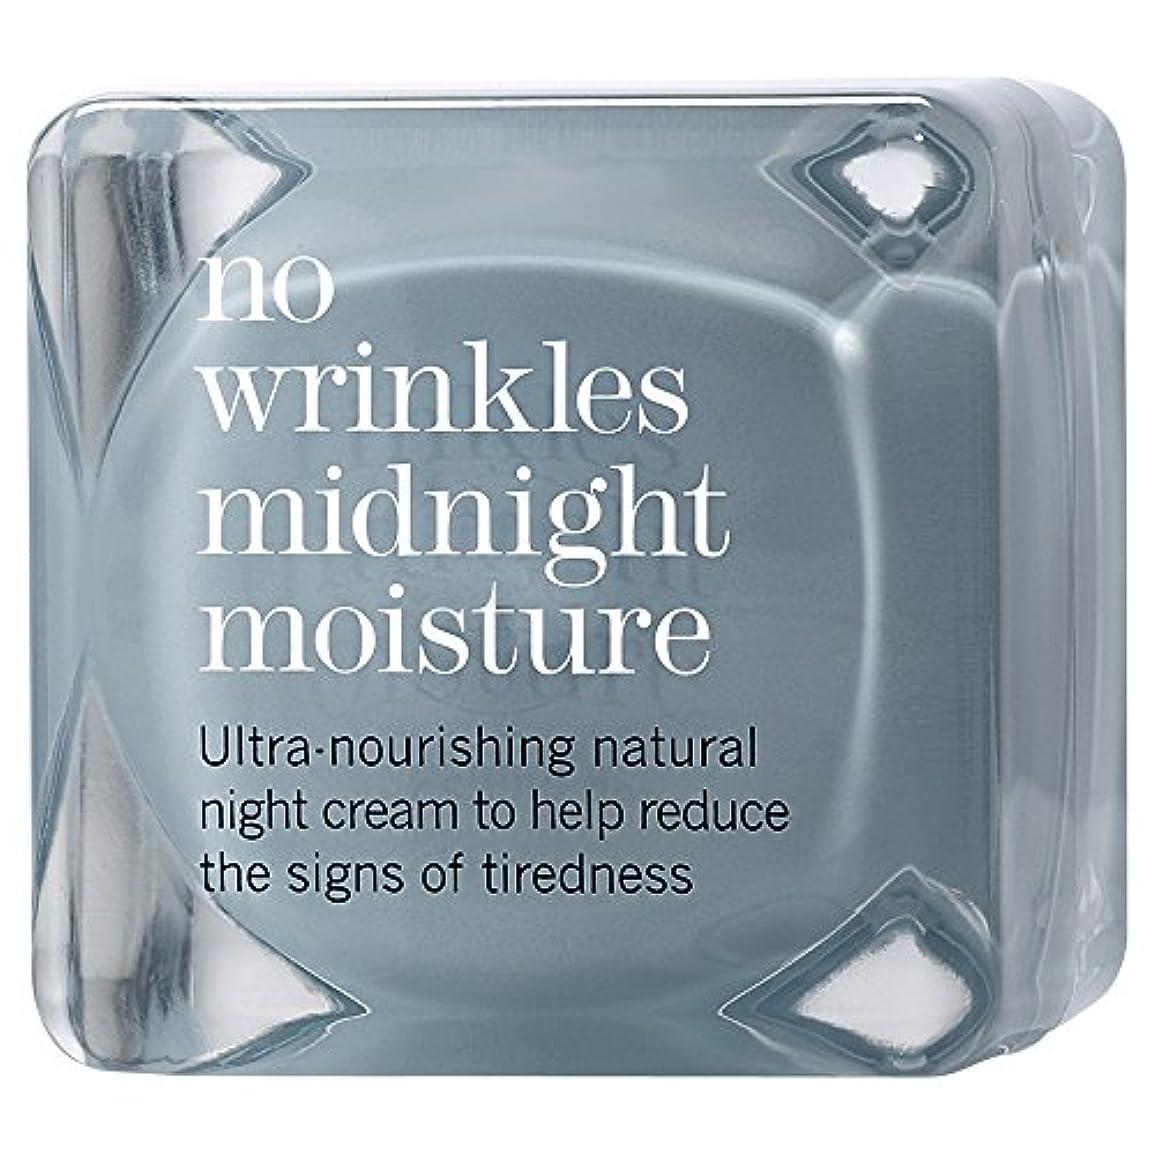 憂鬱前件姓これにはしわ真夜中の水分48ミリリットルの作品はありません (This Works) (x6) - This Works No Wrinkles Midnight Moisture 48ml (Pack of 6) [並行輸入品]